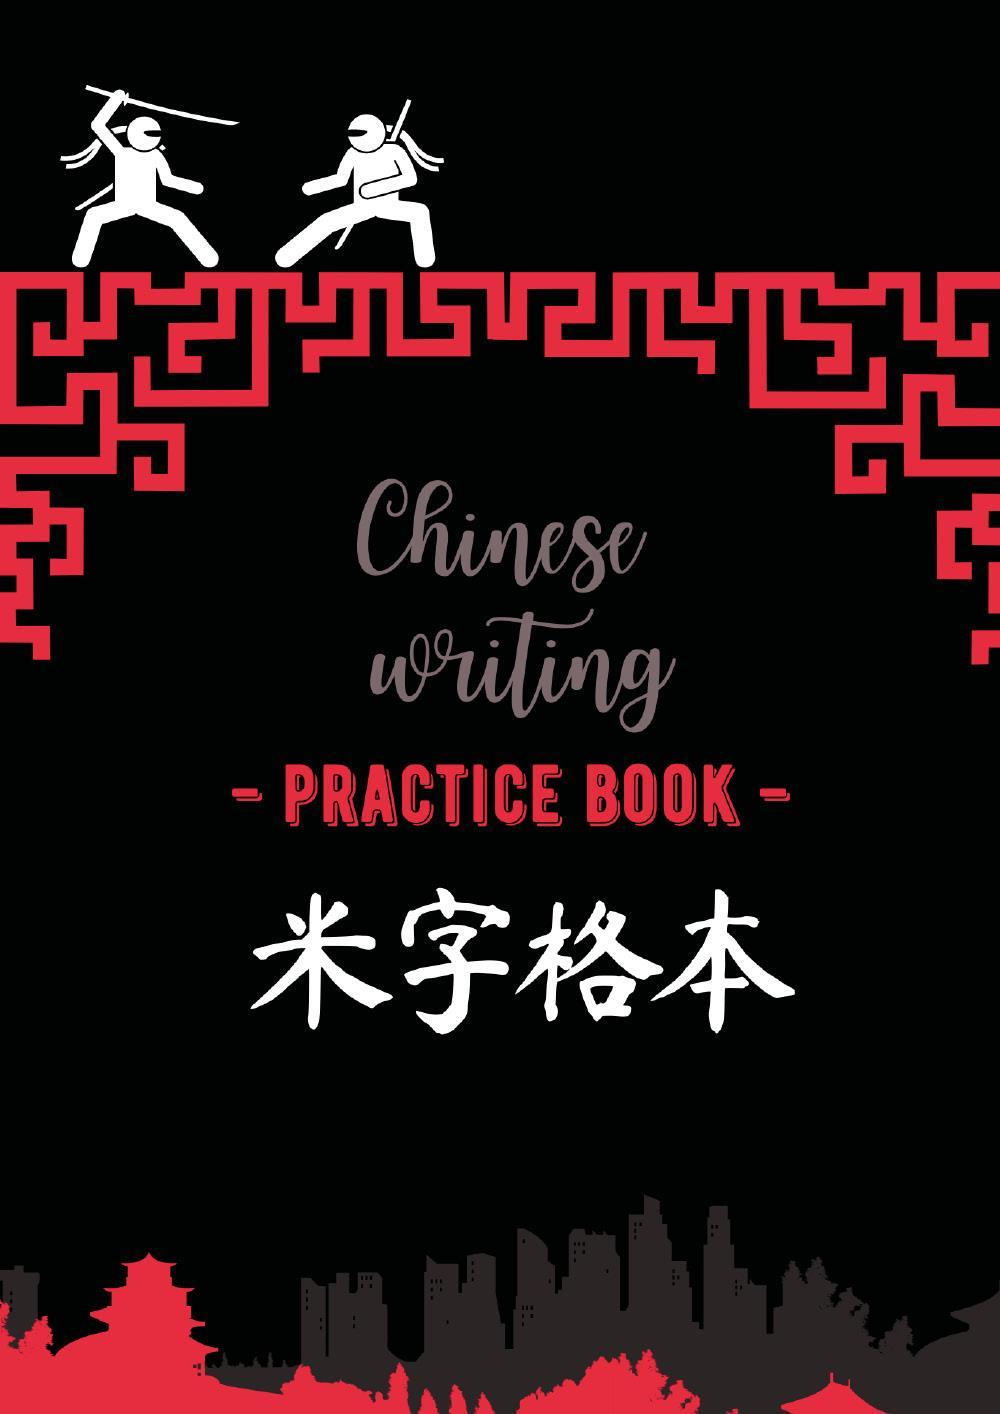 Chinese writing practice book. Ninja